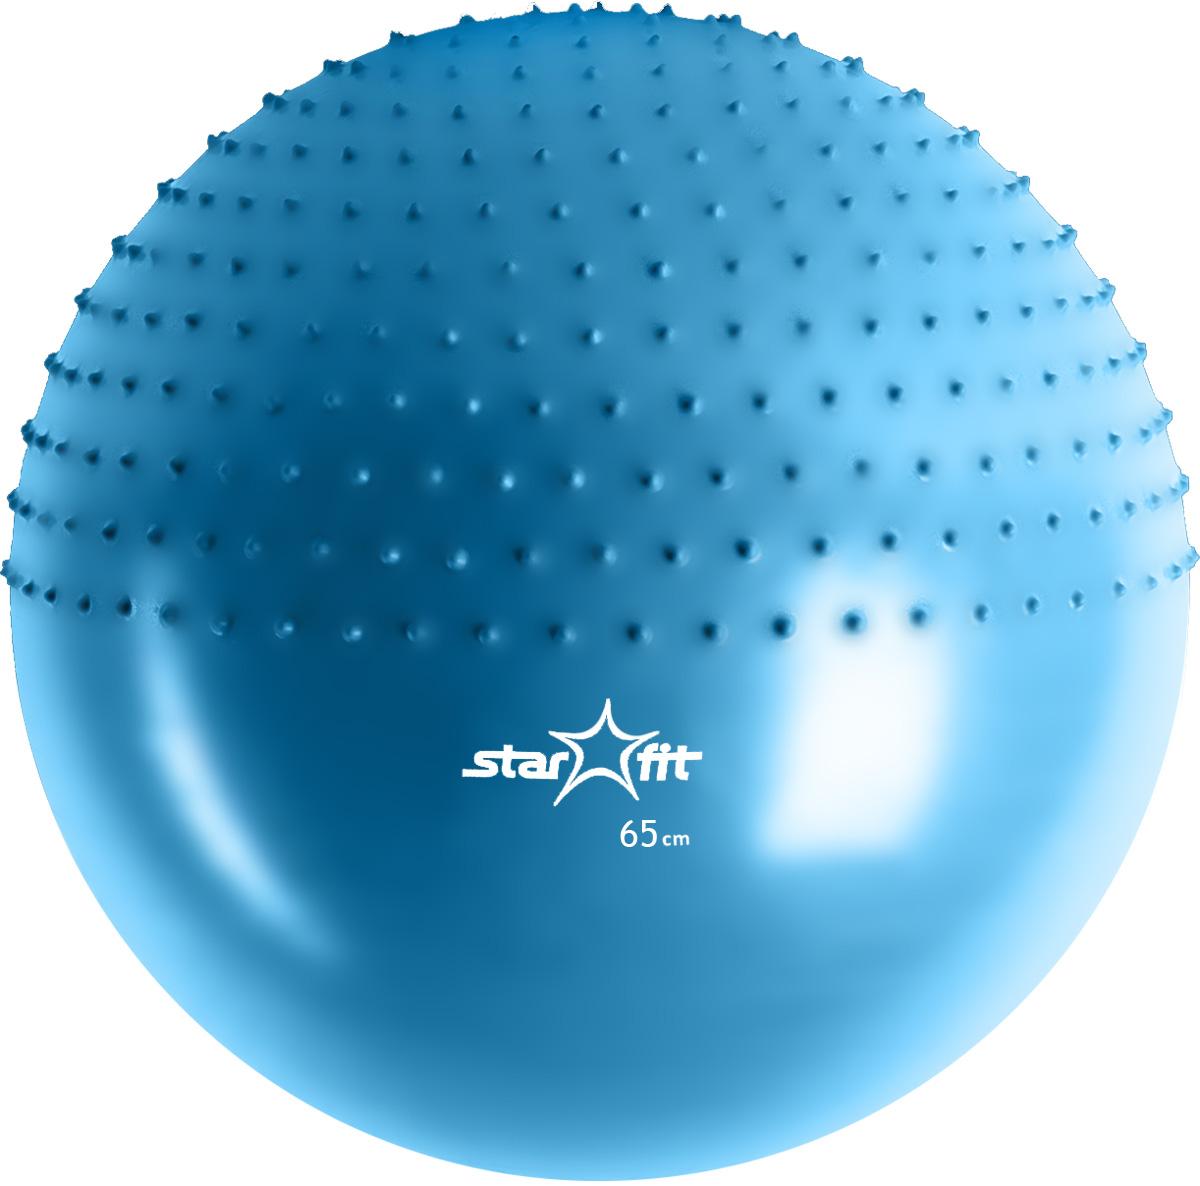 Мяч гимнастический Starfit, полумассажный, цвет: синий, диаметр 65 смУТ-00008869Мяч гимнастический Star Fit, изготовленный их ПВХ с защитой от взрыва, отлично подойдет для занятий фитнесом. Его используют как женщины, так и мужчины в функциональном тренинге, бодибилдинге, групповых программах, стретчинге (растяжке). Мяч эффективно тренирует ноги, спину, грудь, дельтовидные мышцы, бицепсы, трицепсы и пресс. С помощью такого мяча можно тренировать все мышцы тела, правильно выстроив тренировочный процесс и используя его как основной или второстепенный снаряд для упражнения. Также его удобно использовать для массажа мышц с повышенным тонусом. Мяч обладает неоспоримым преимуществом. Его удобство заключается в том, что всегда можно поменять сторону использования с простого гимнастического на массажный и обратно. Гимнастический мяч - это незаменимый и один из самых популярных аксессуаров в фитнесе. УВАЖЕМЫЕ КЛИЕНТЫ! Обращаем ваше внимание на тот факт, что мяч поставляется в сдутом виде. Насос в комплект не входит.